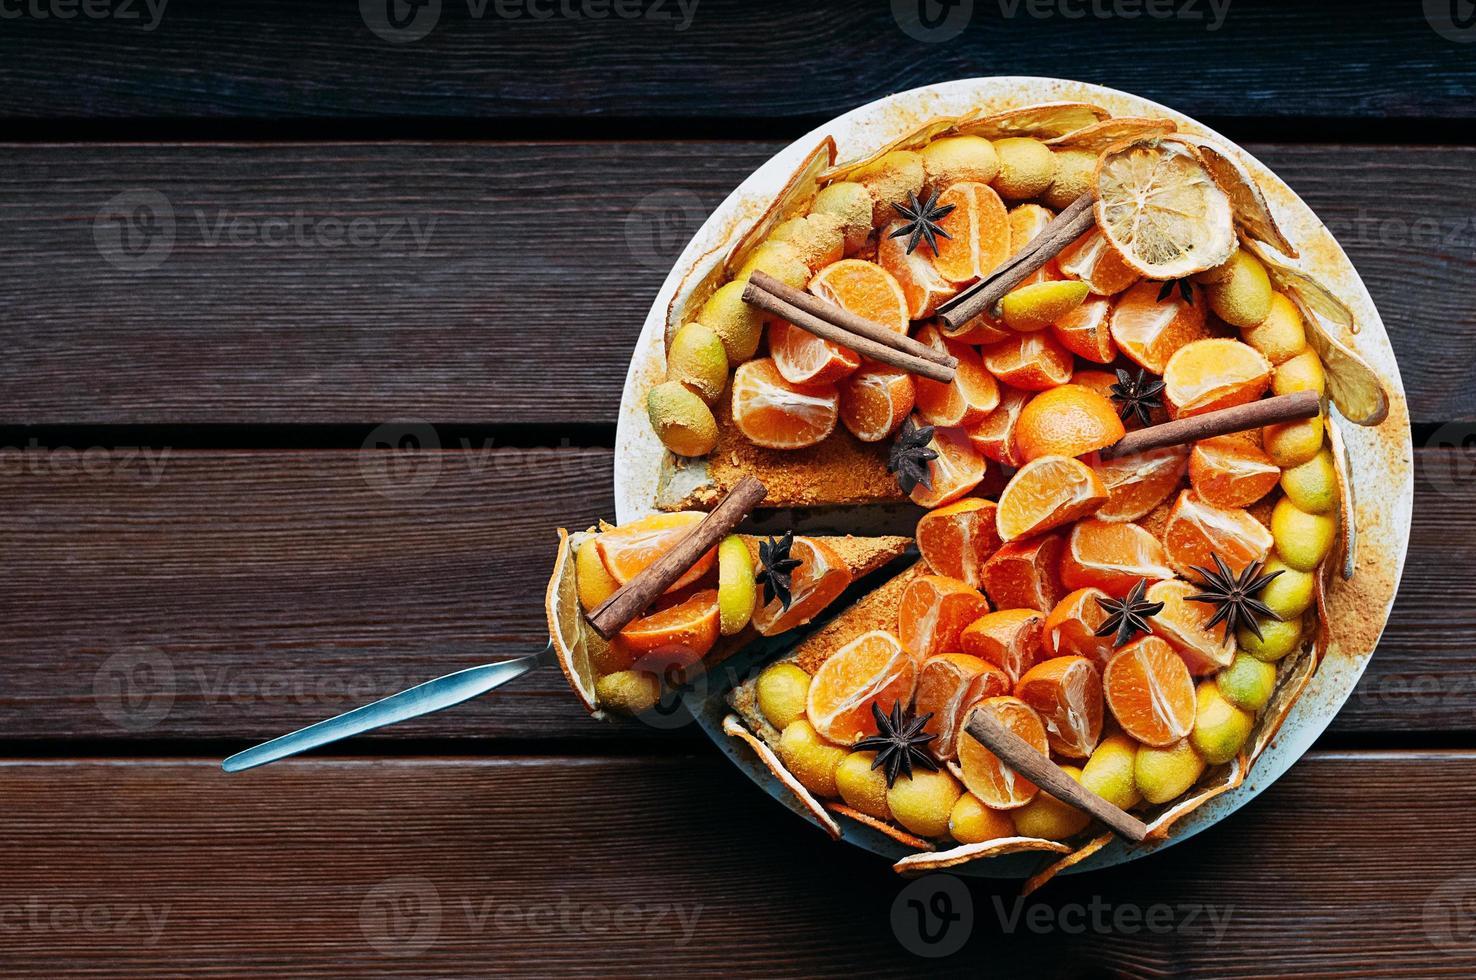 utsökt vegan citruskaka dekorerad med färska apelsiner och torra kryddor på brunt träbord. hel, en skiva skuren. färgglada, friska och saftiga. ovanifrån, utrymme för text eller design, för cafémeny eller konfektyrkatalog foto